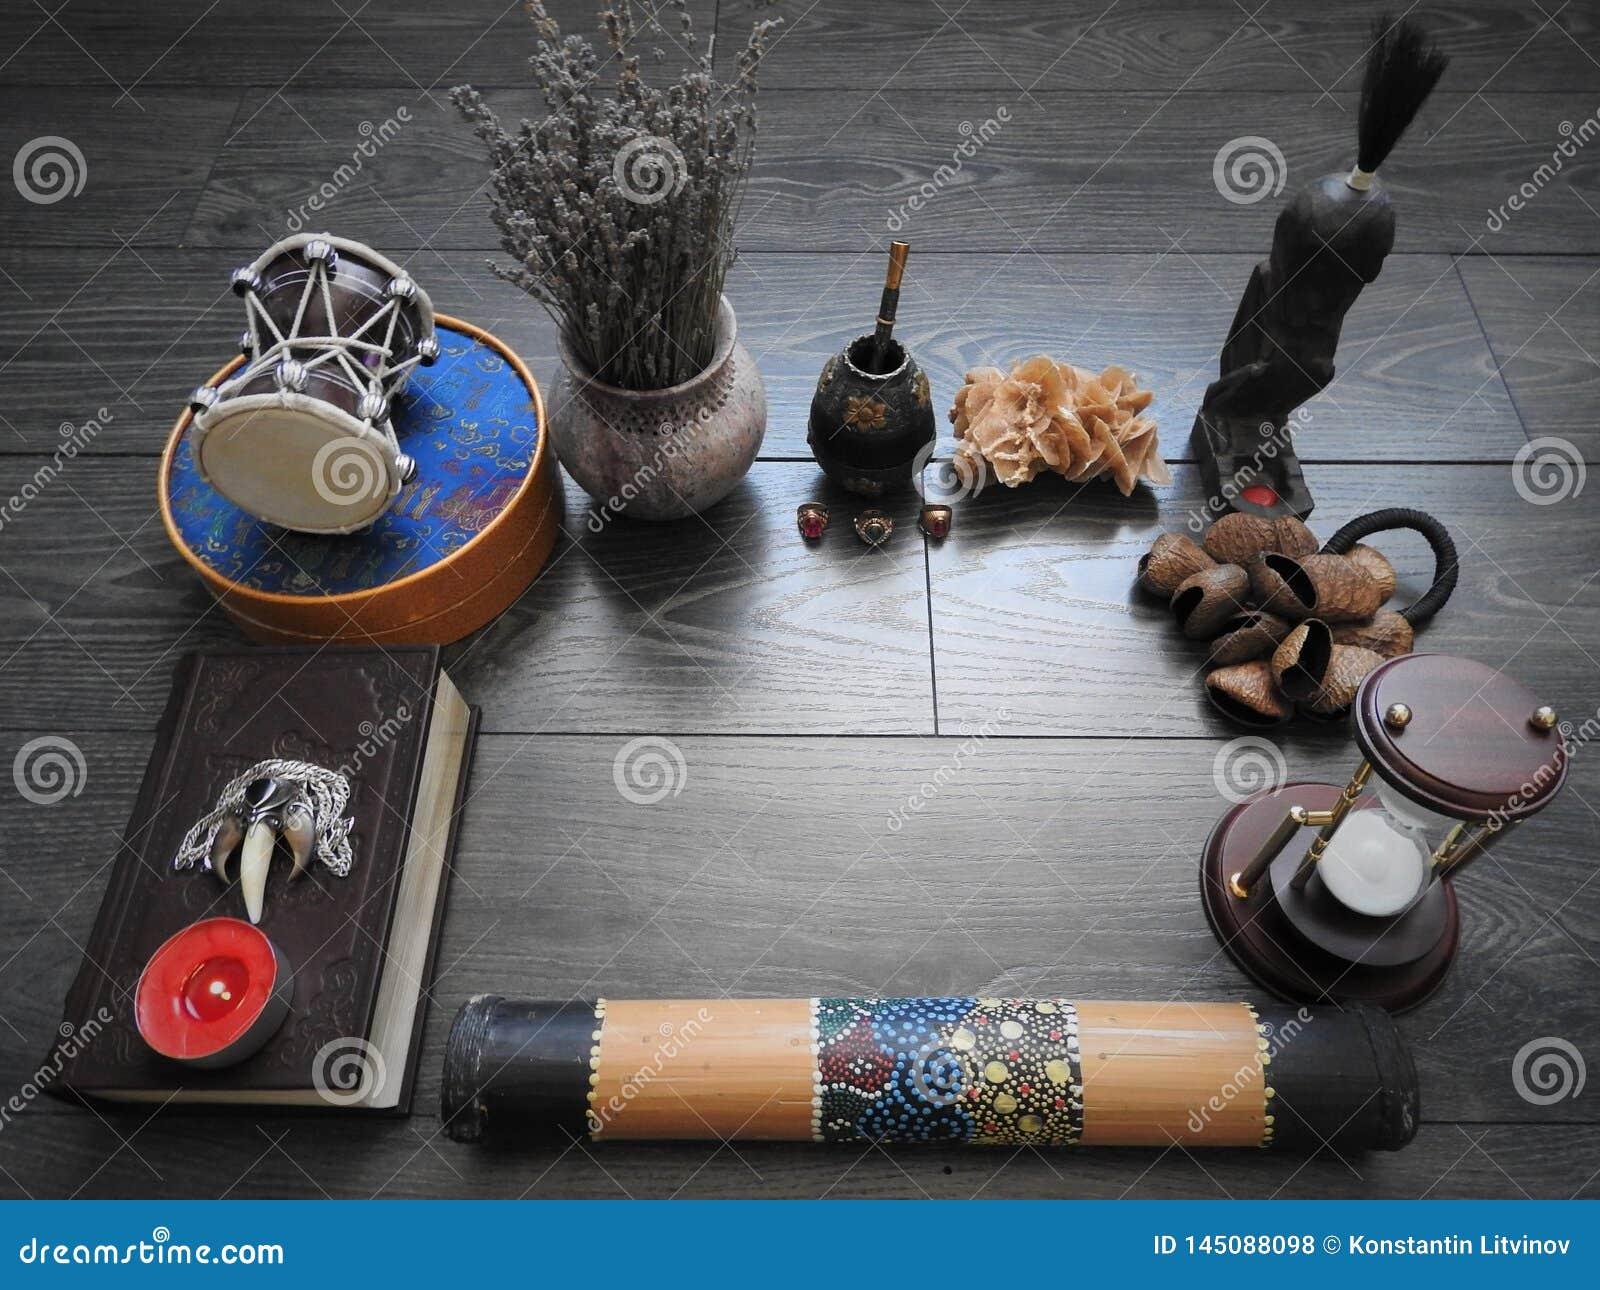 Mystisk bakgrund med en gammal bok, stearinljus och andra attribut Allhelgonaafton och det ockulta begreppet av ritualen av svart